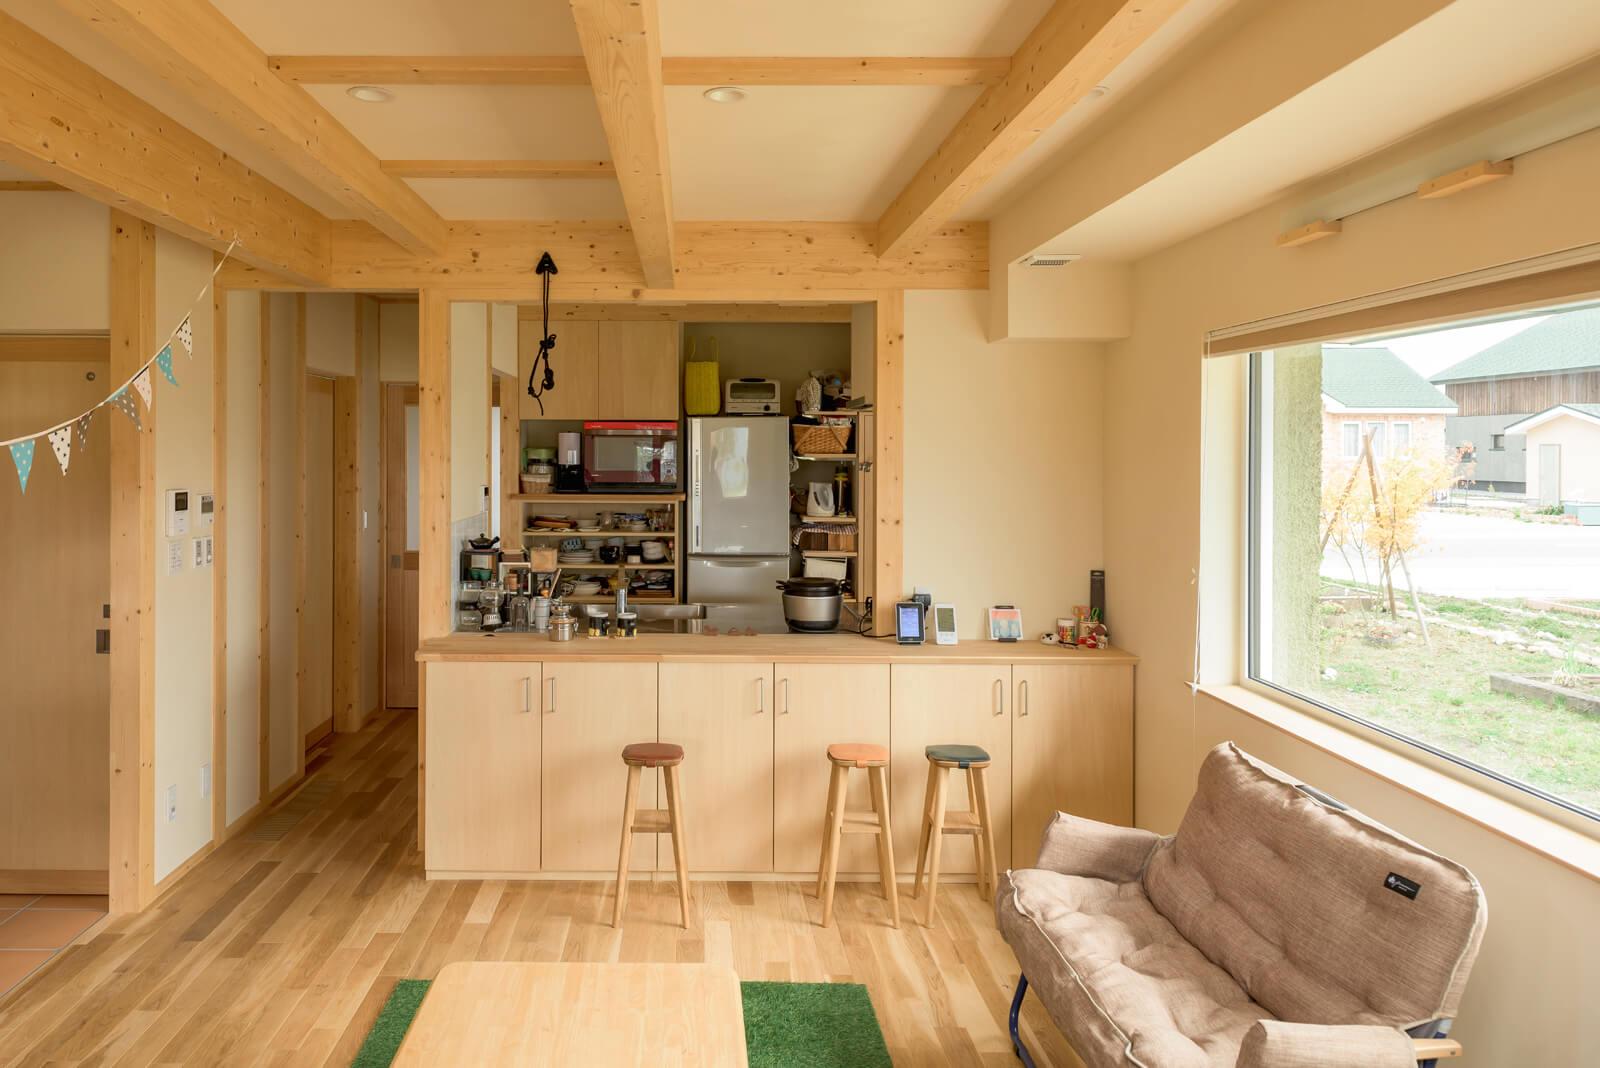 キッチン前のカウンターには、色違いのスツールが3つ並ぶ。カウンター下には家族それぞれの棚が設けられている